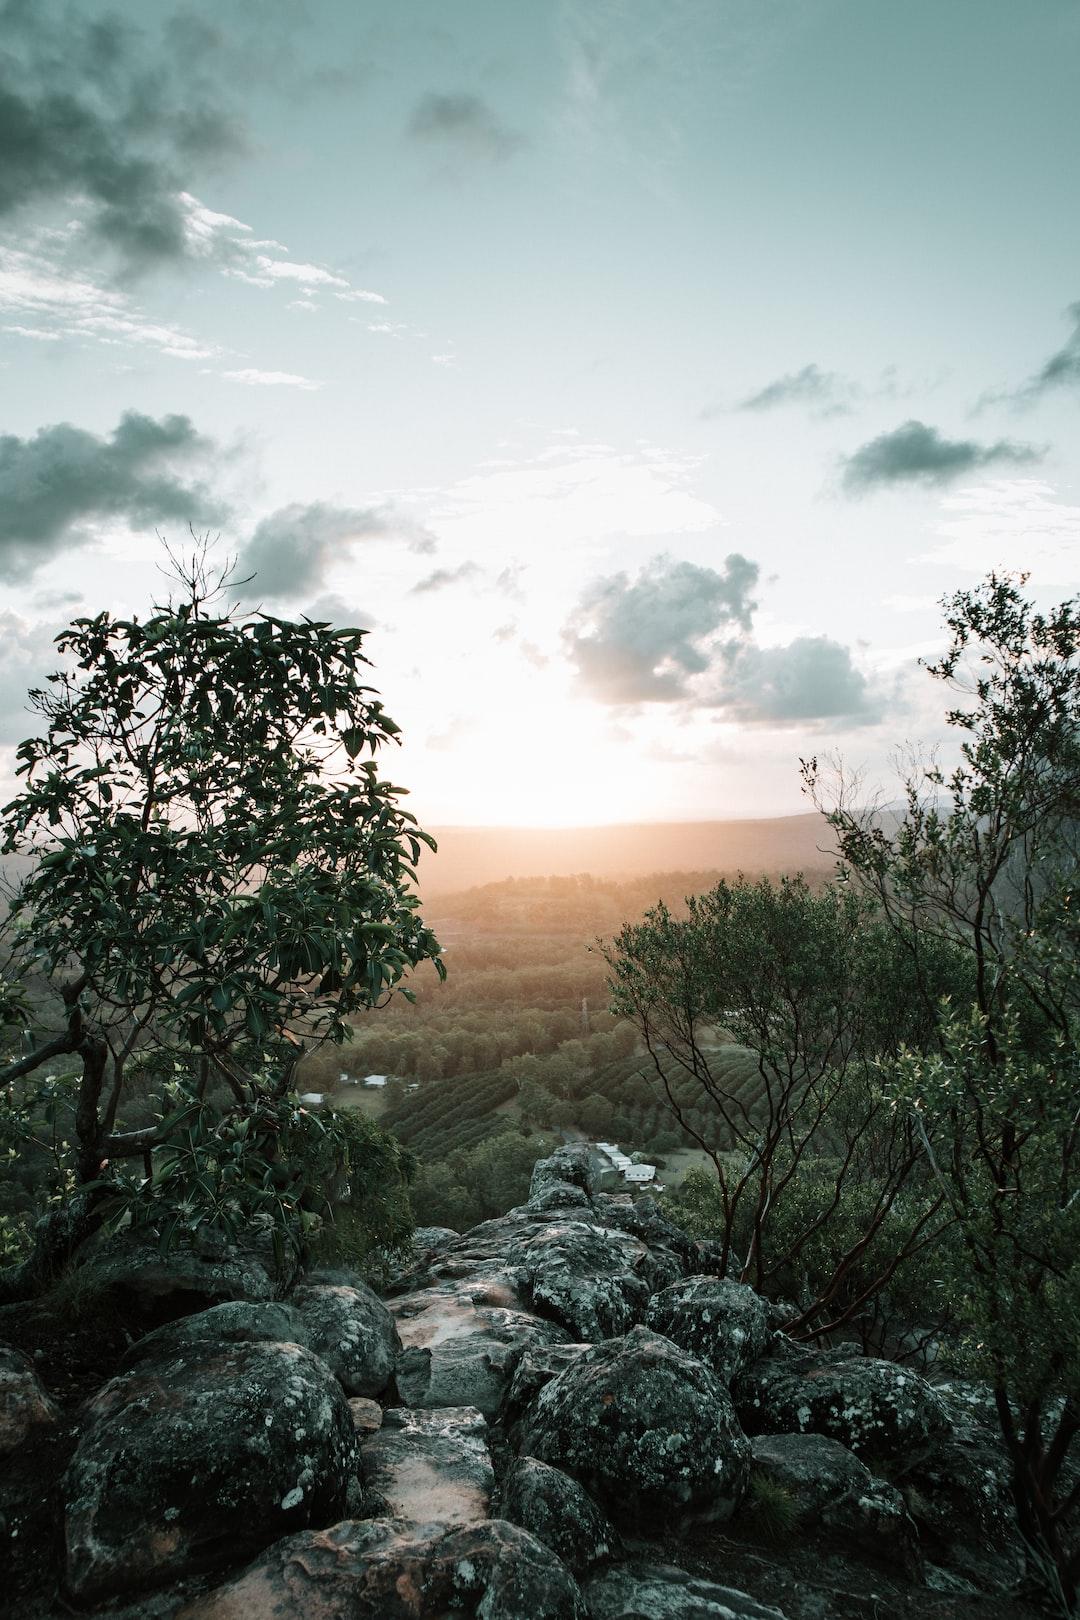 The perfect end to a hike. Mt Ngungun, Queensland, Australia. @lochieriordan